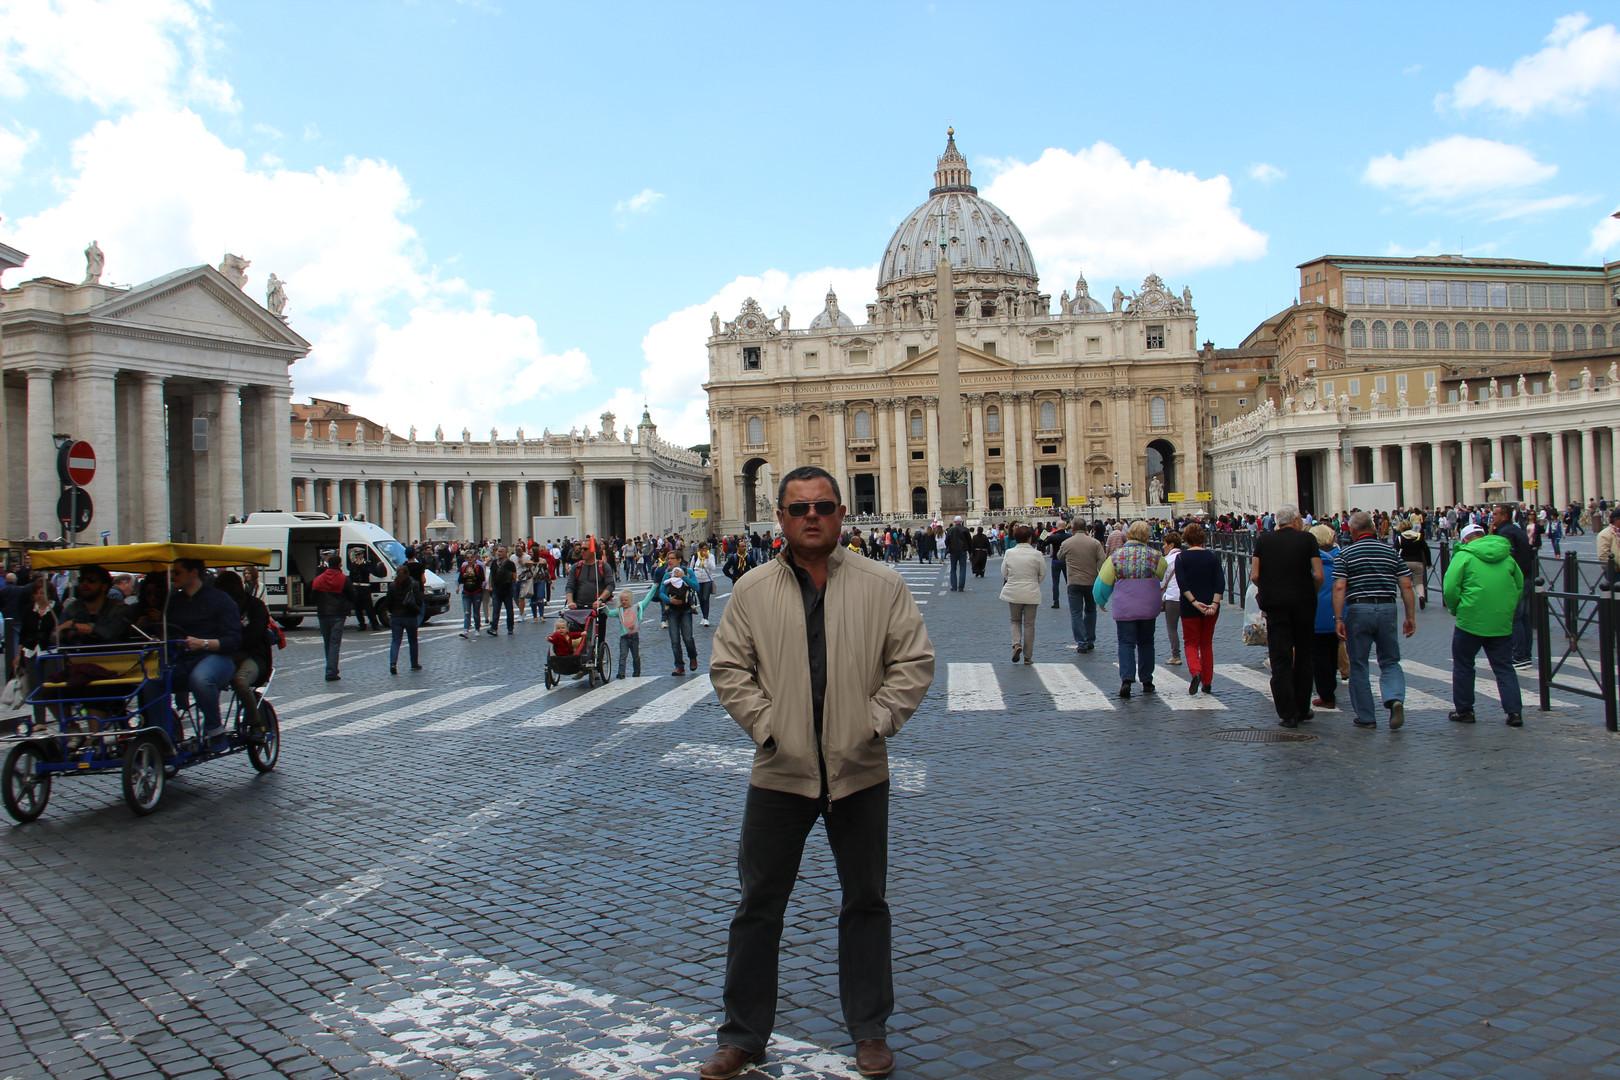 площадь собора